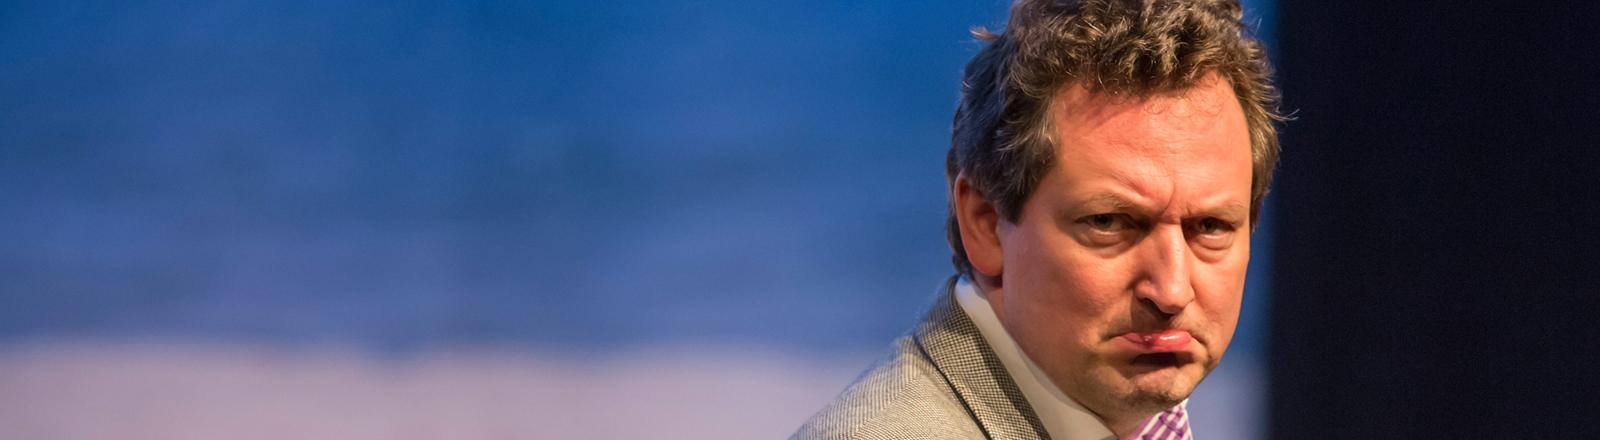 Eckart von Hirschhausen auf der Bühne, er macht ein verkniffenes Gesicht. Bild: dpa